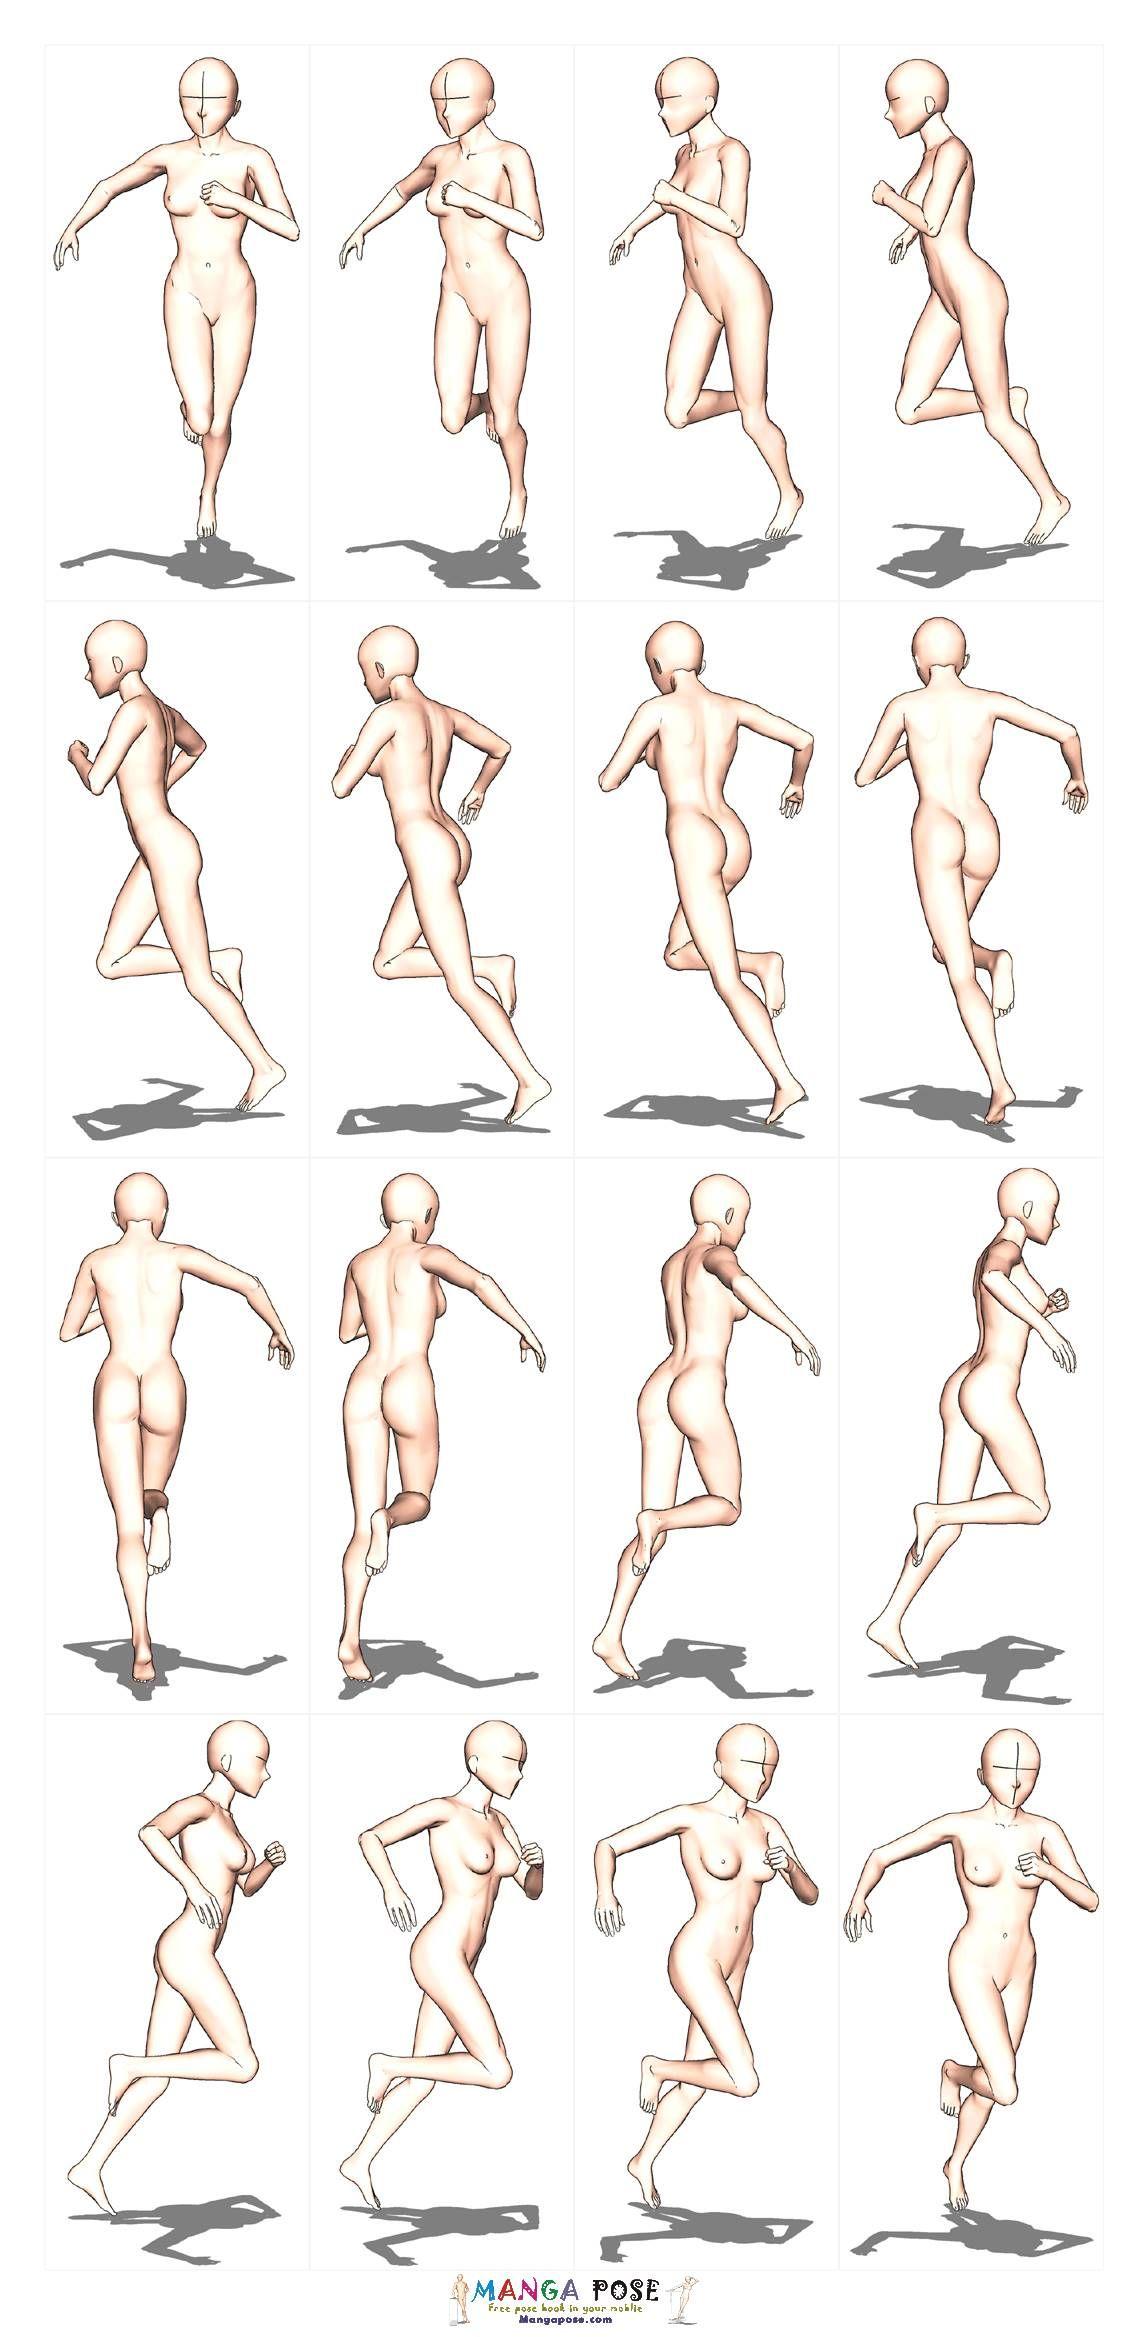 Mangapose Com Deta 20base 11 Contents 03b Jpg Running Pose Figure Drawing Poses Pose Reference